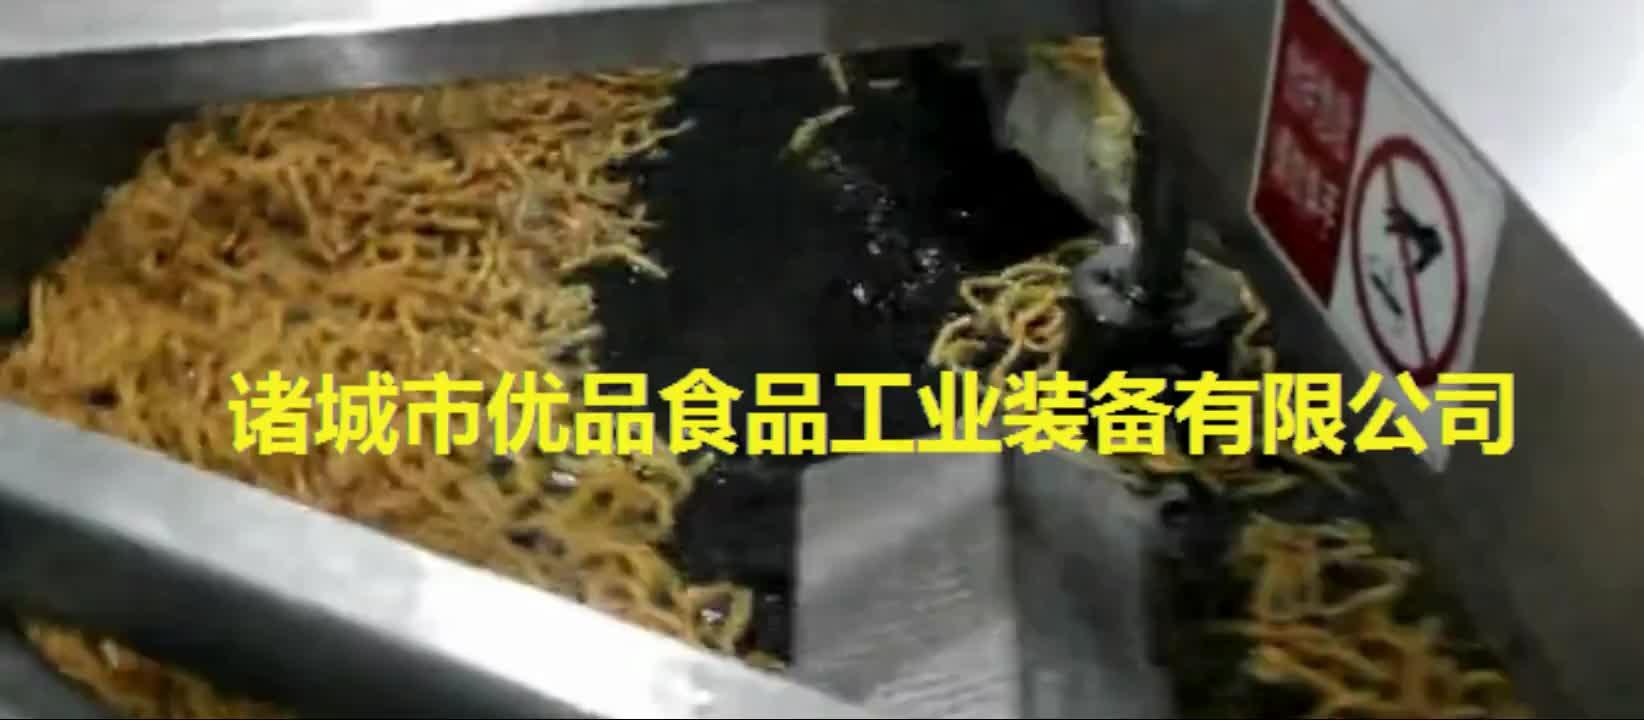 优品热销江米条油炸锅  自动控温式油炸设备